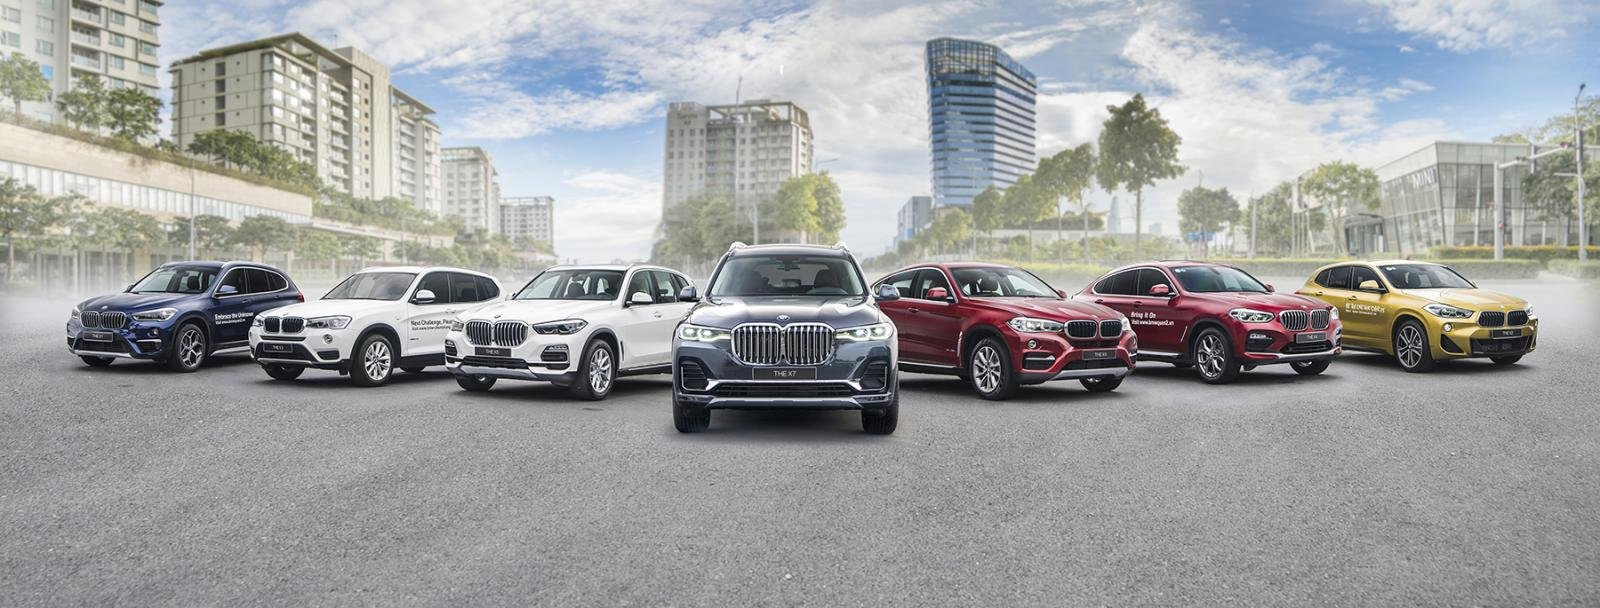 Tin ô tô nổi bật nhất tuần từ ngày 8/7 đến 13/7/2019 - Ảnh 1.